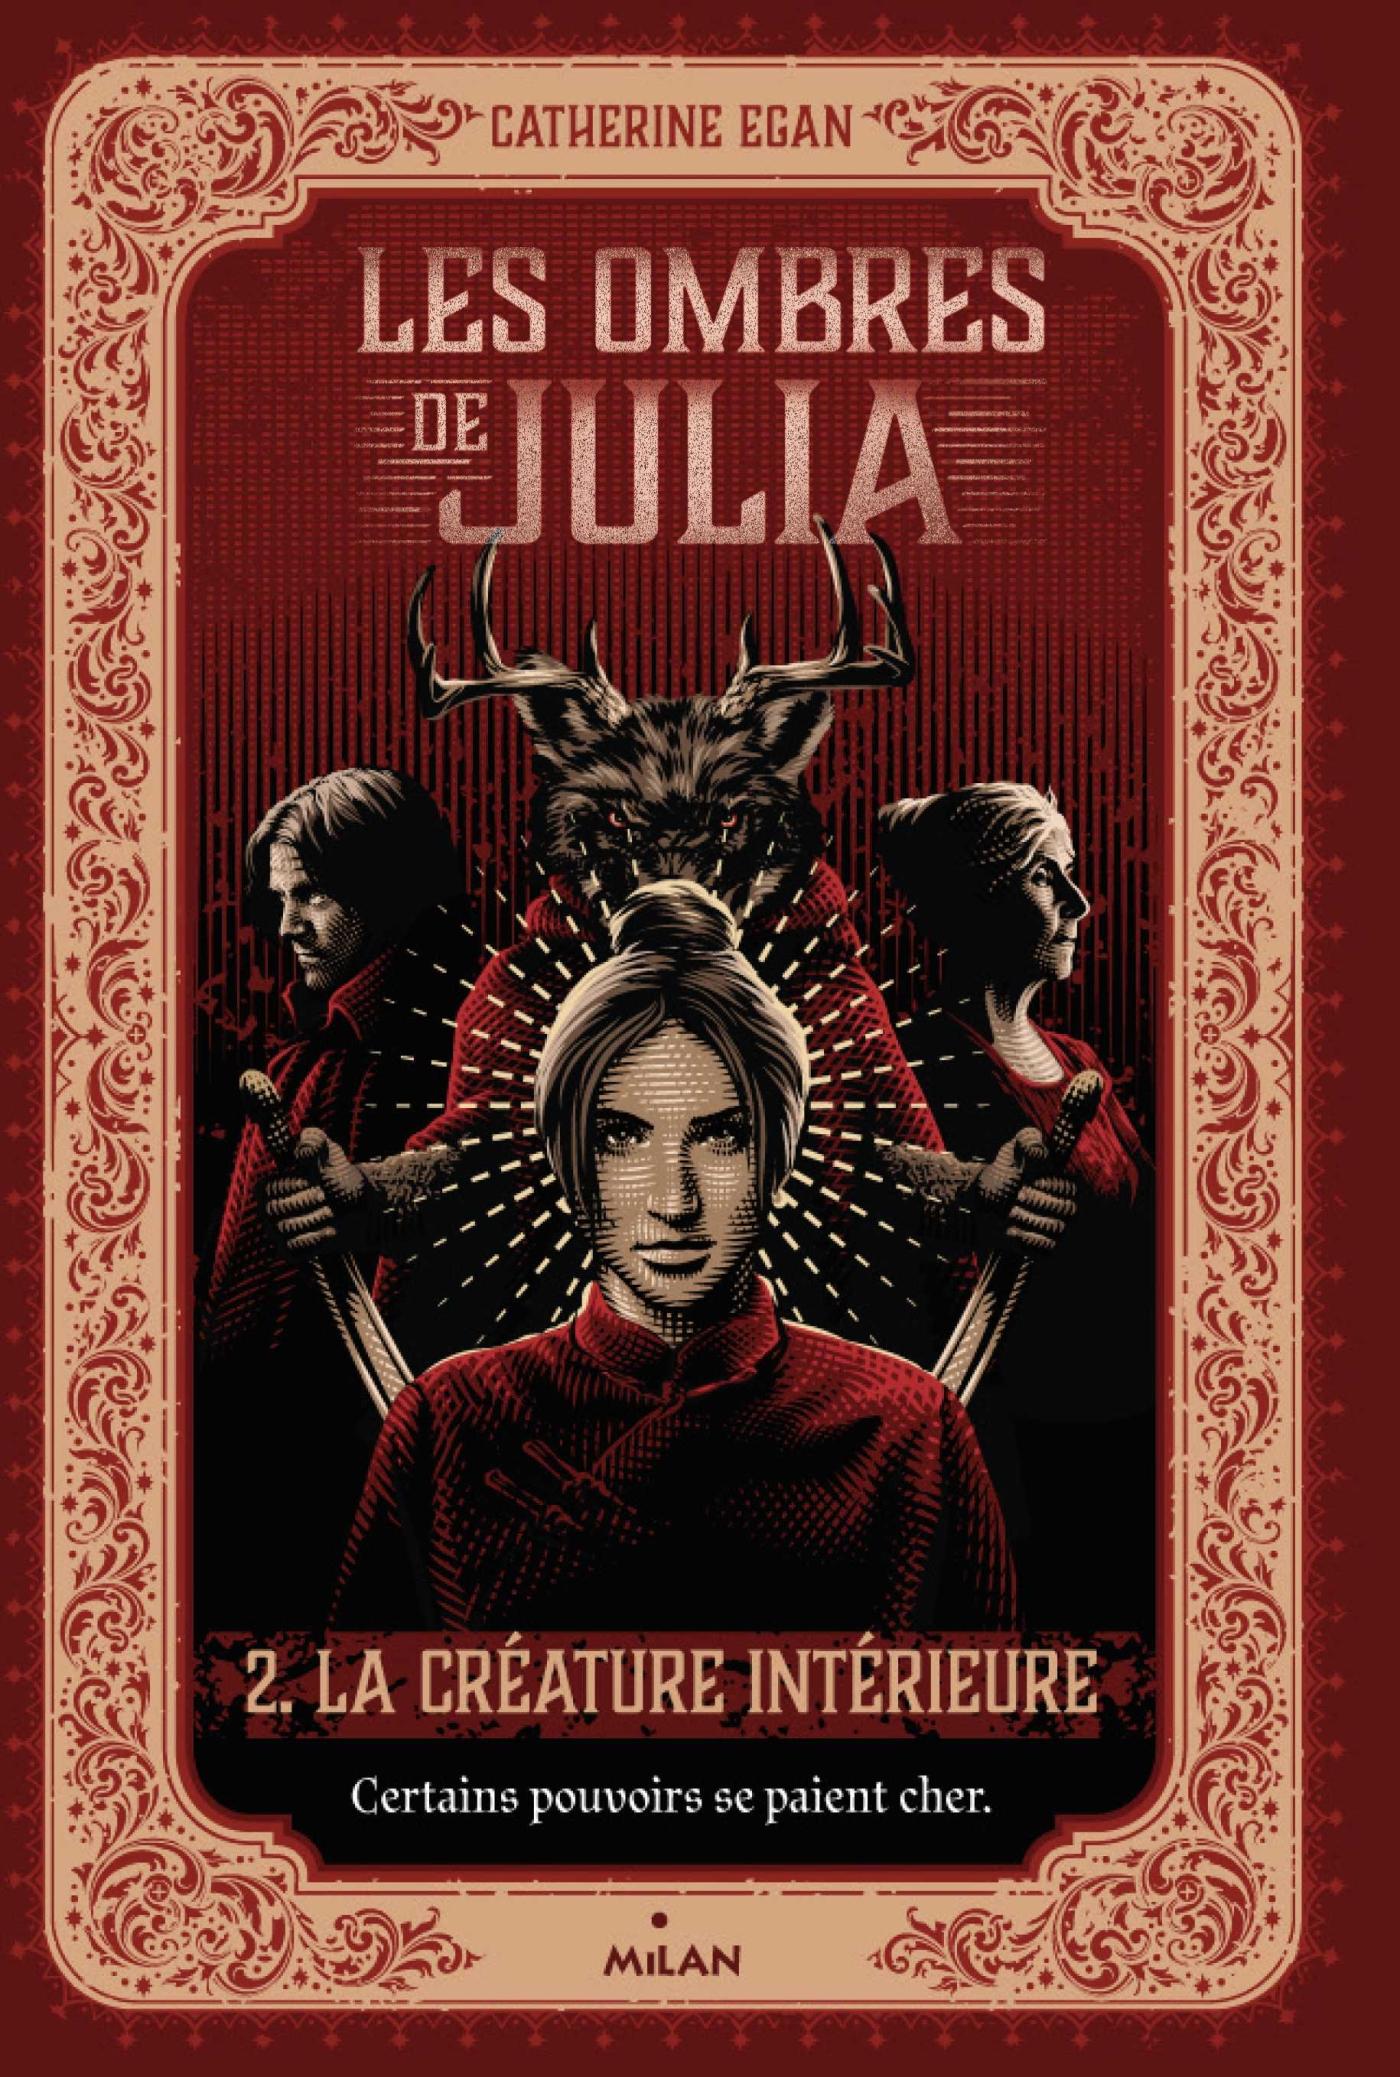 Image de l'article «Les ombres de Julia: La créature intérieure de Catherine Egan»